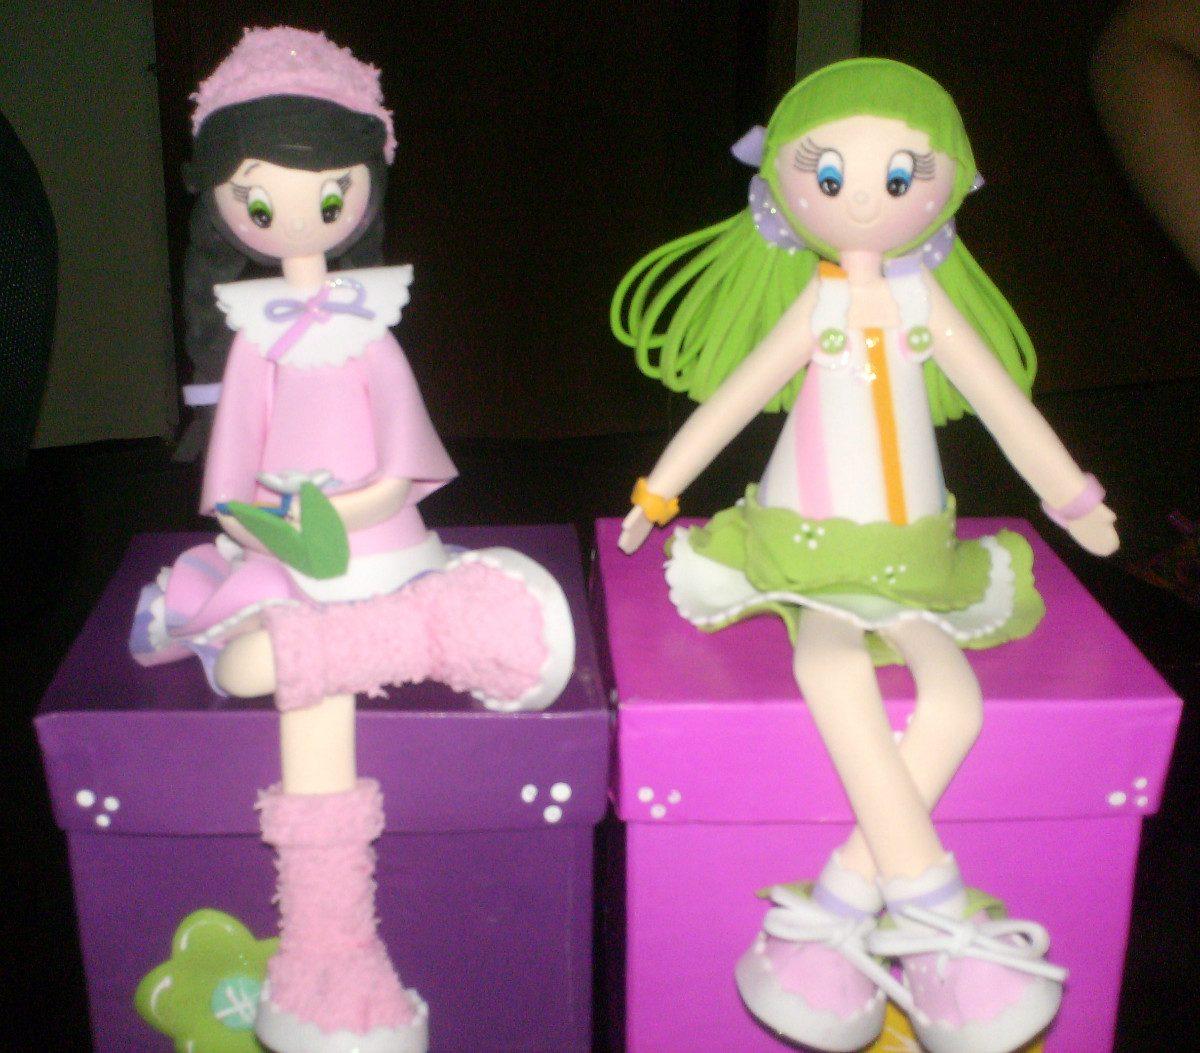 Como hacer muñecas de foami - Imagui